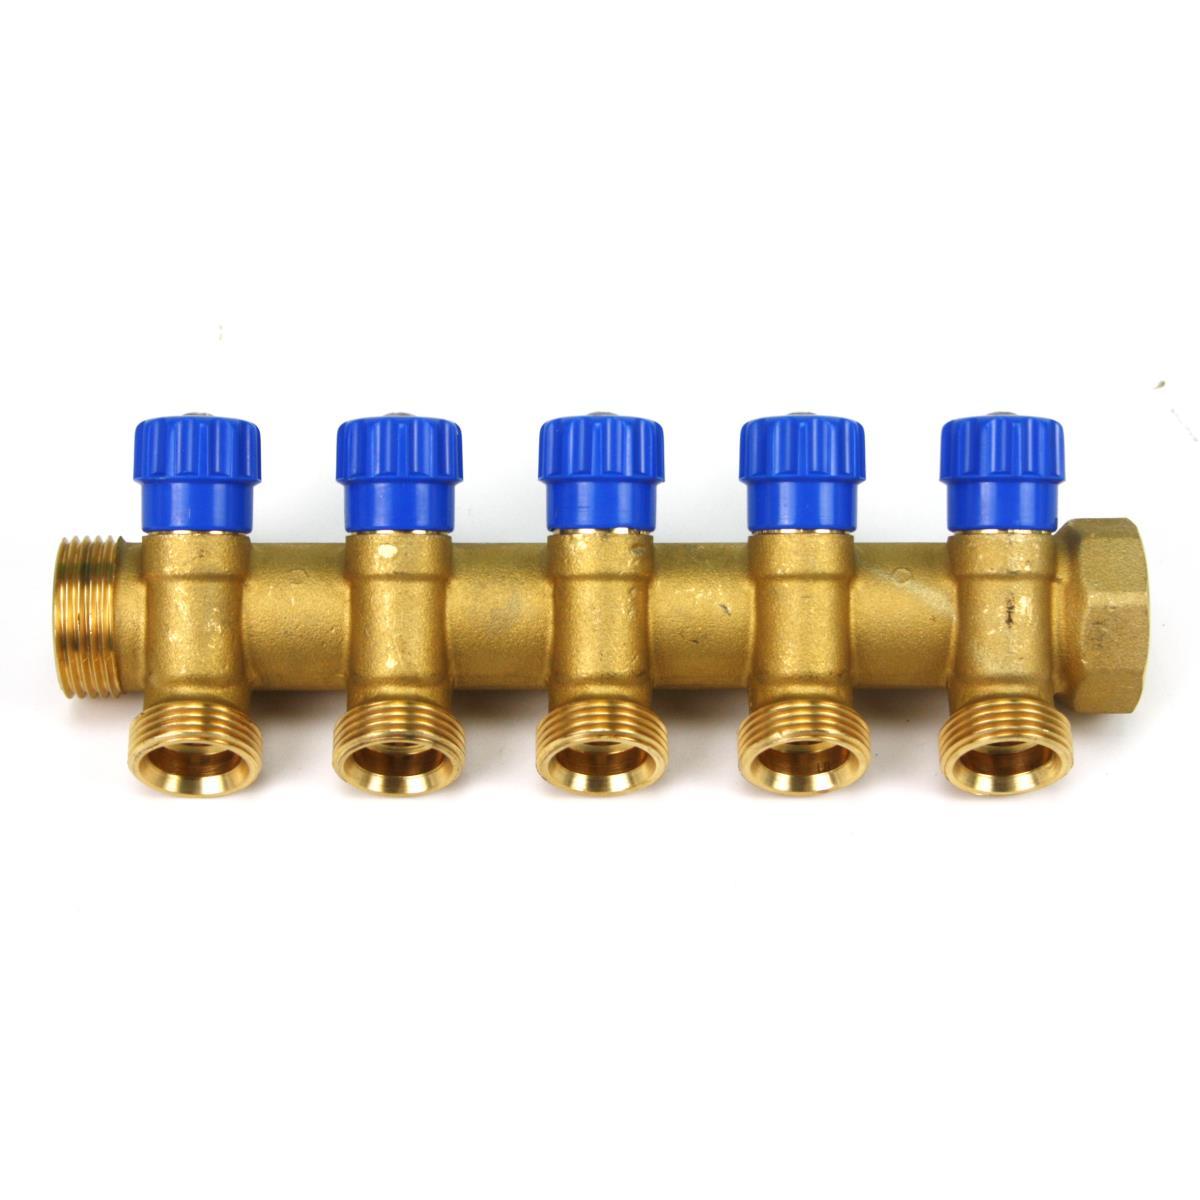 """Messing Verteiler 5-Fach mit Absperrventil Blau Sanitär 1"""" x 3/4"""" Wasser Heizung,Poletti,C325N12TB, 8025459078969"""